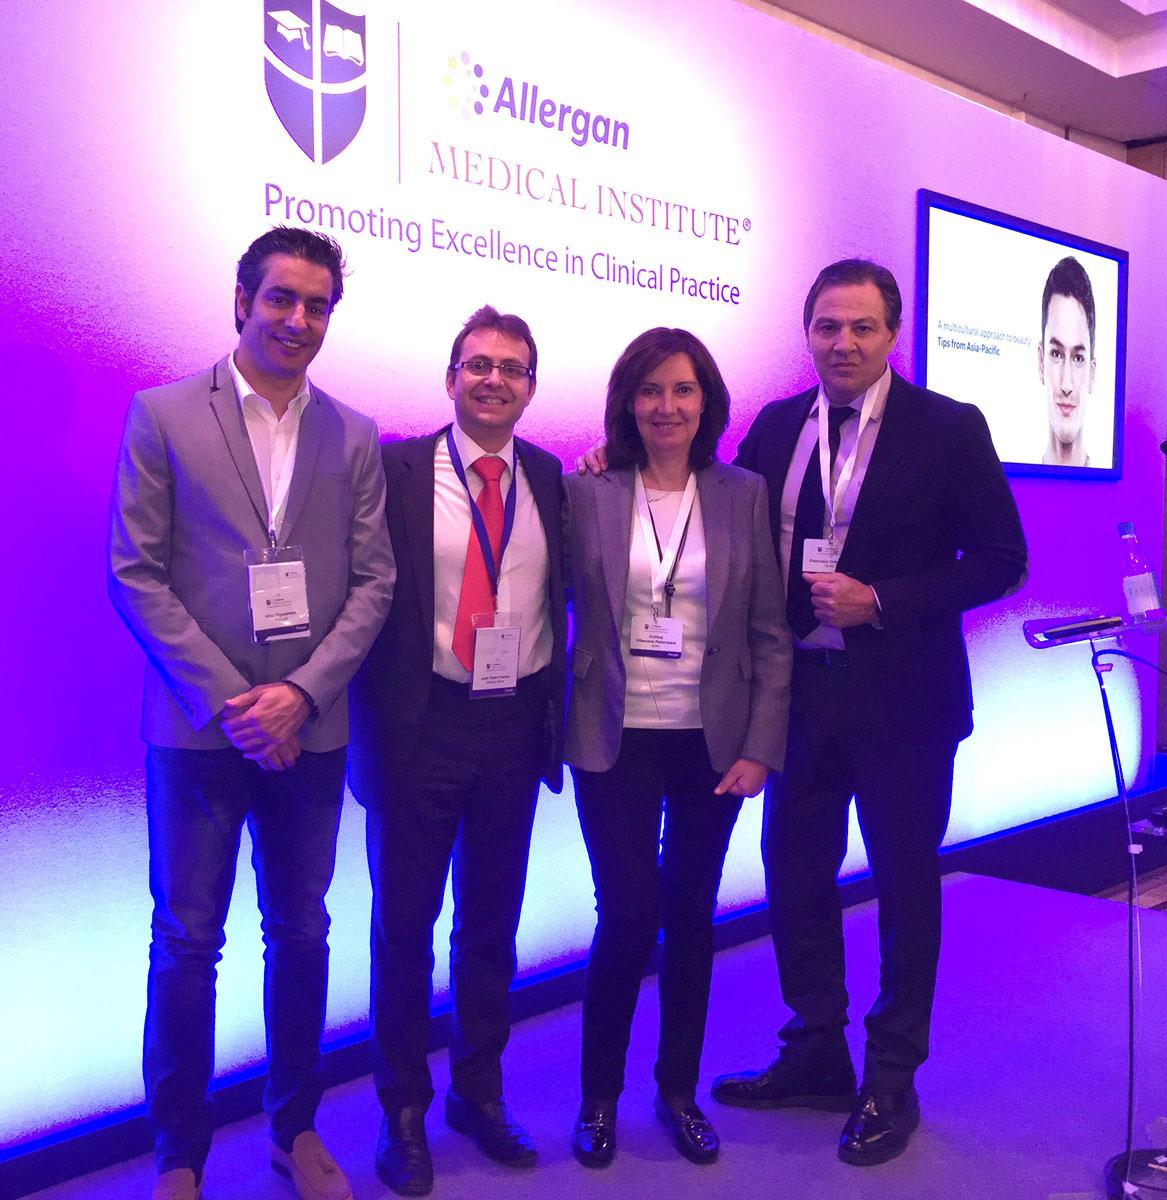 La Dra Villanueva con el Dr Figueredo Juan Pedro Franco y Dr Ortiz representando a España y Portugal - Londres 2016